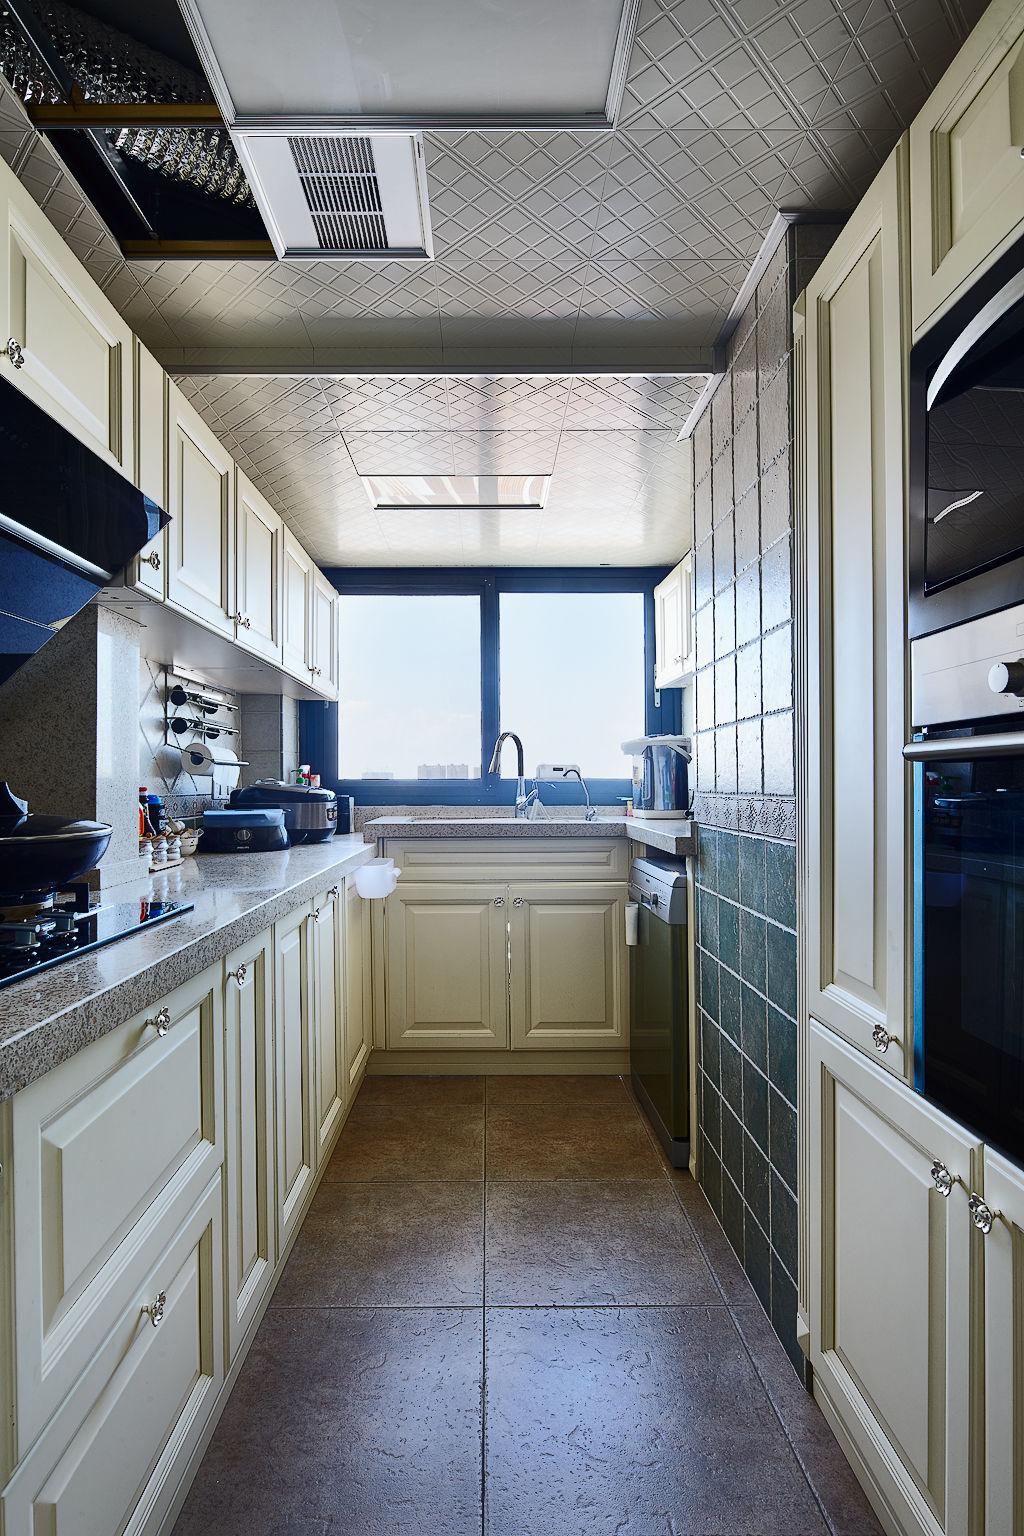 装修百科 装修效果图 装修美图 时尚简约家居厨房窗户设计 时尚简约